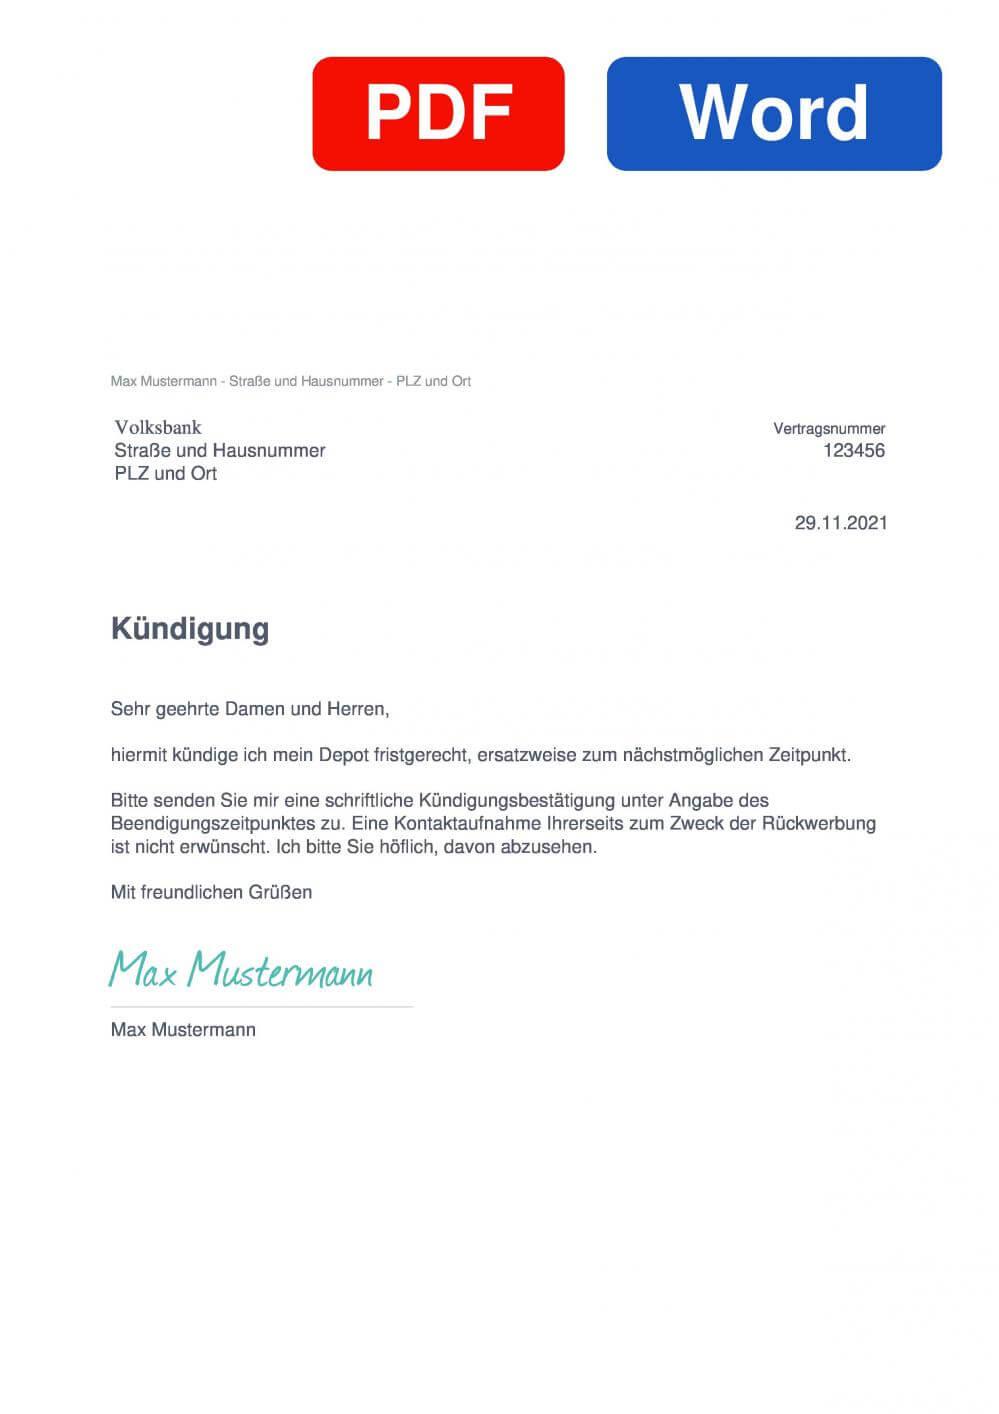 Volksbank Kundigen Muster Vorlage Zur Kundigung